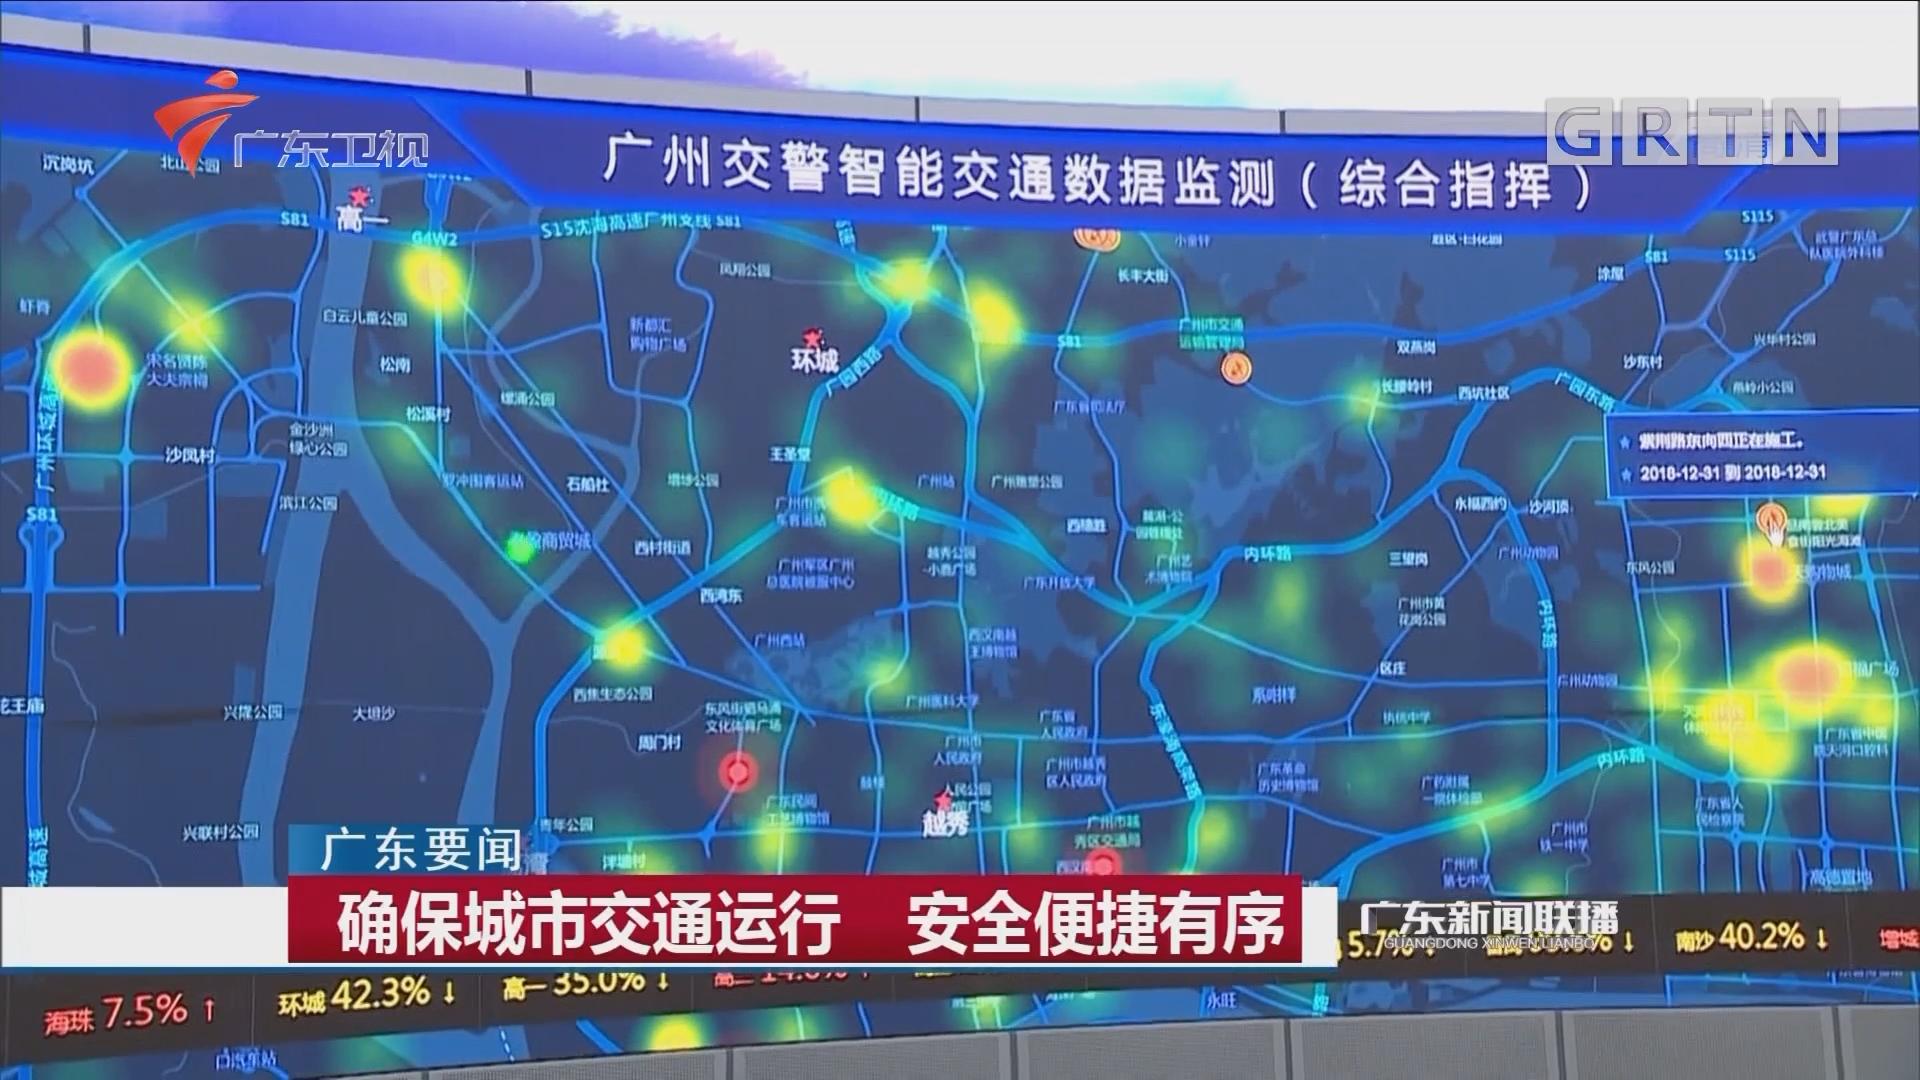 确保城市交通运行 安全便捷有序